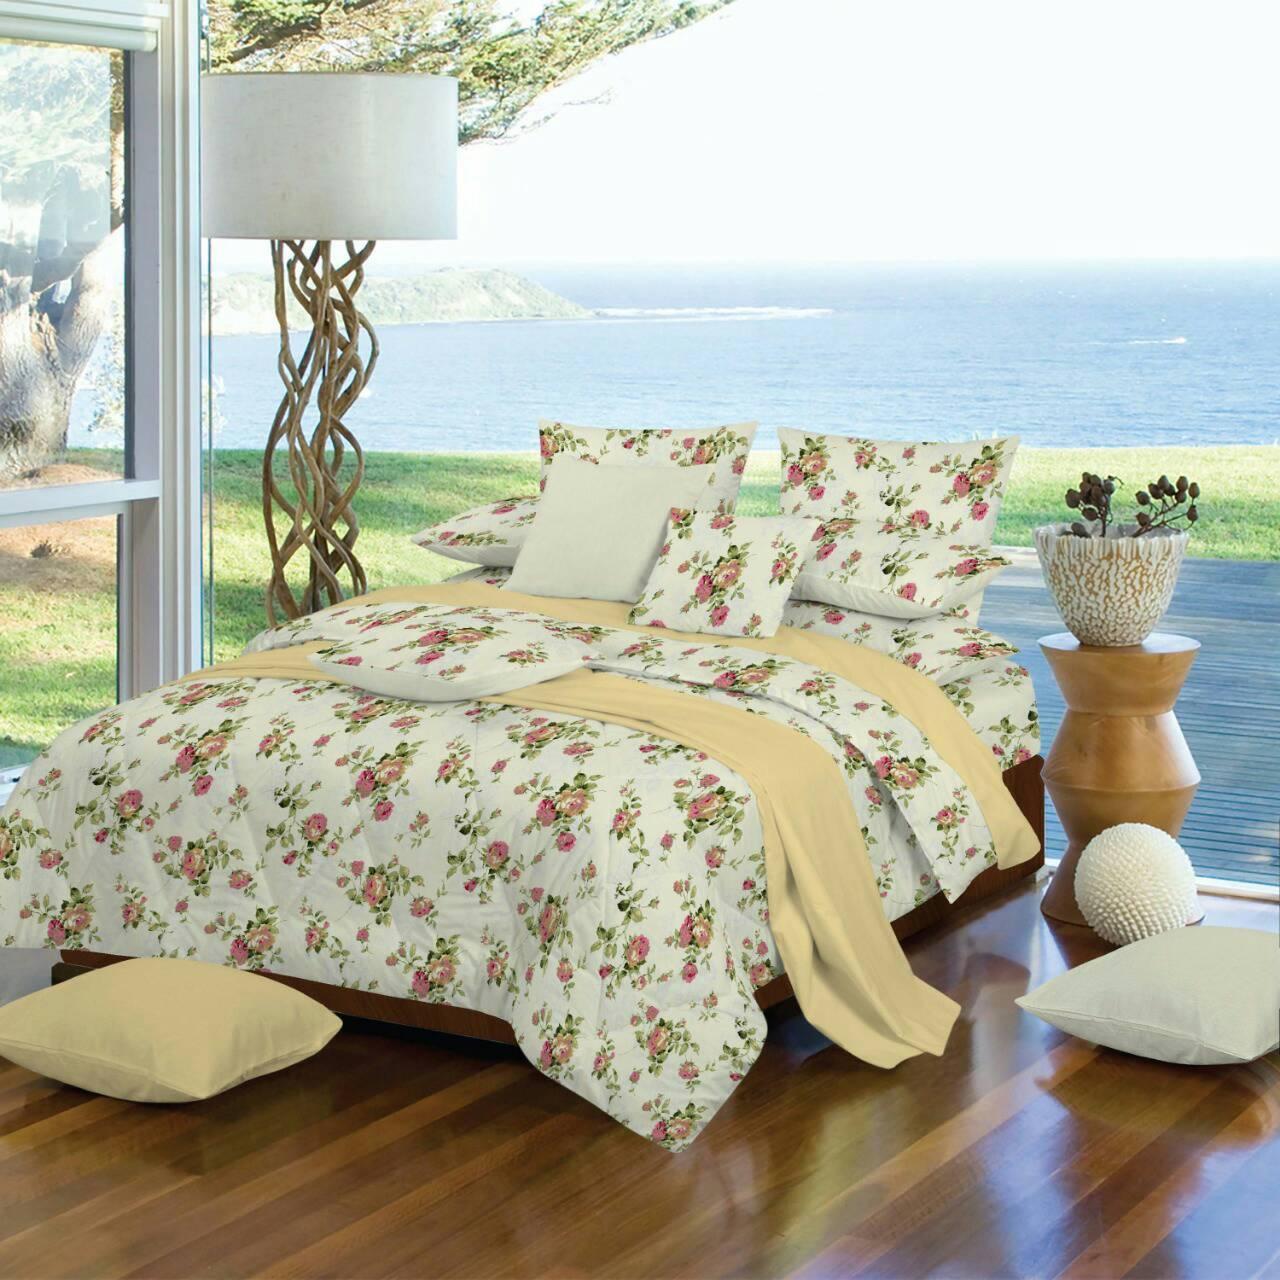 Купить ткань для пошива постельного белья в интернет магазине органза инструкция по применению